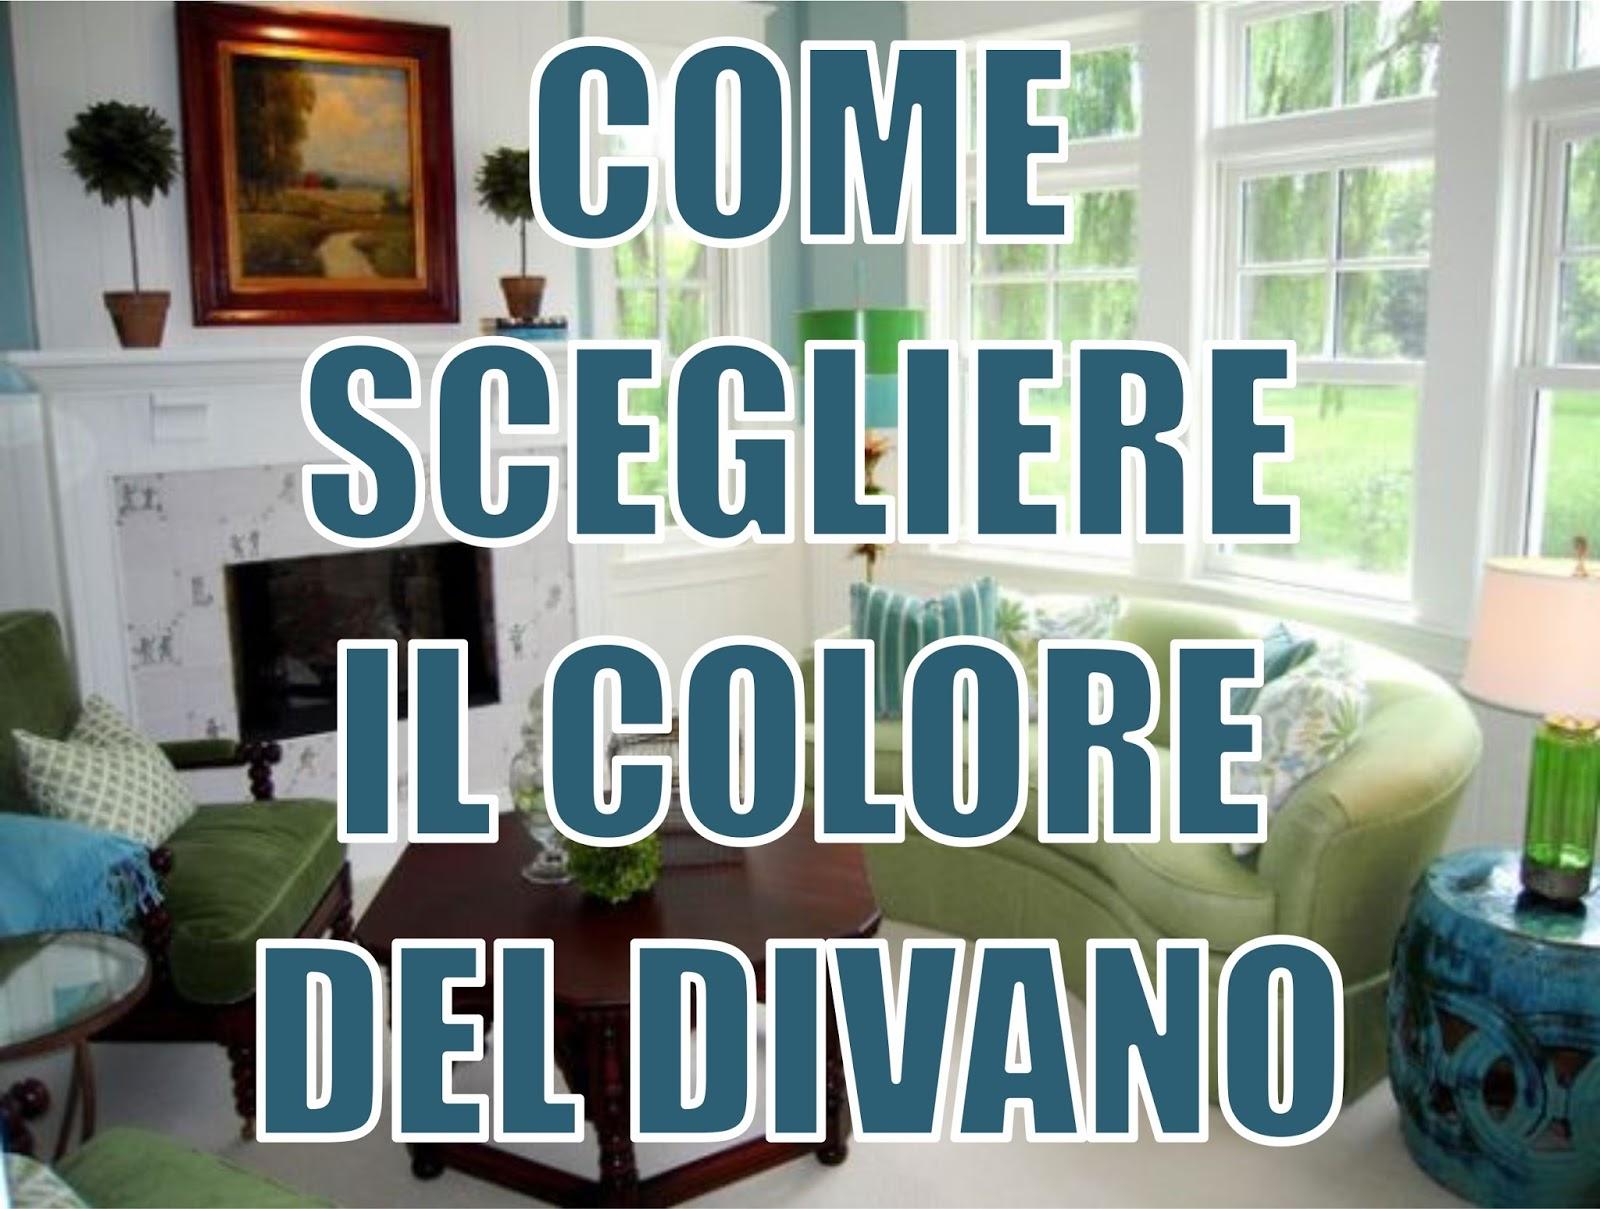 Come scegliere il colore giusto per il divano del tuo soggiorno